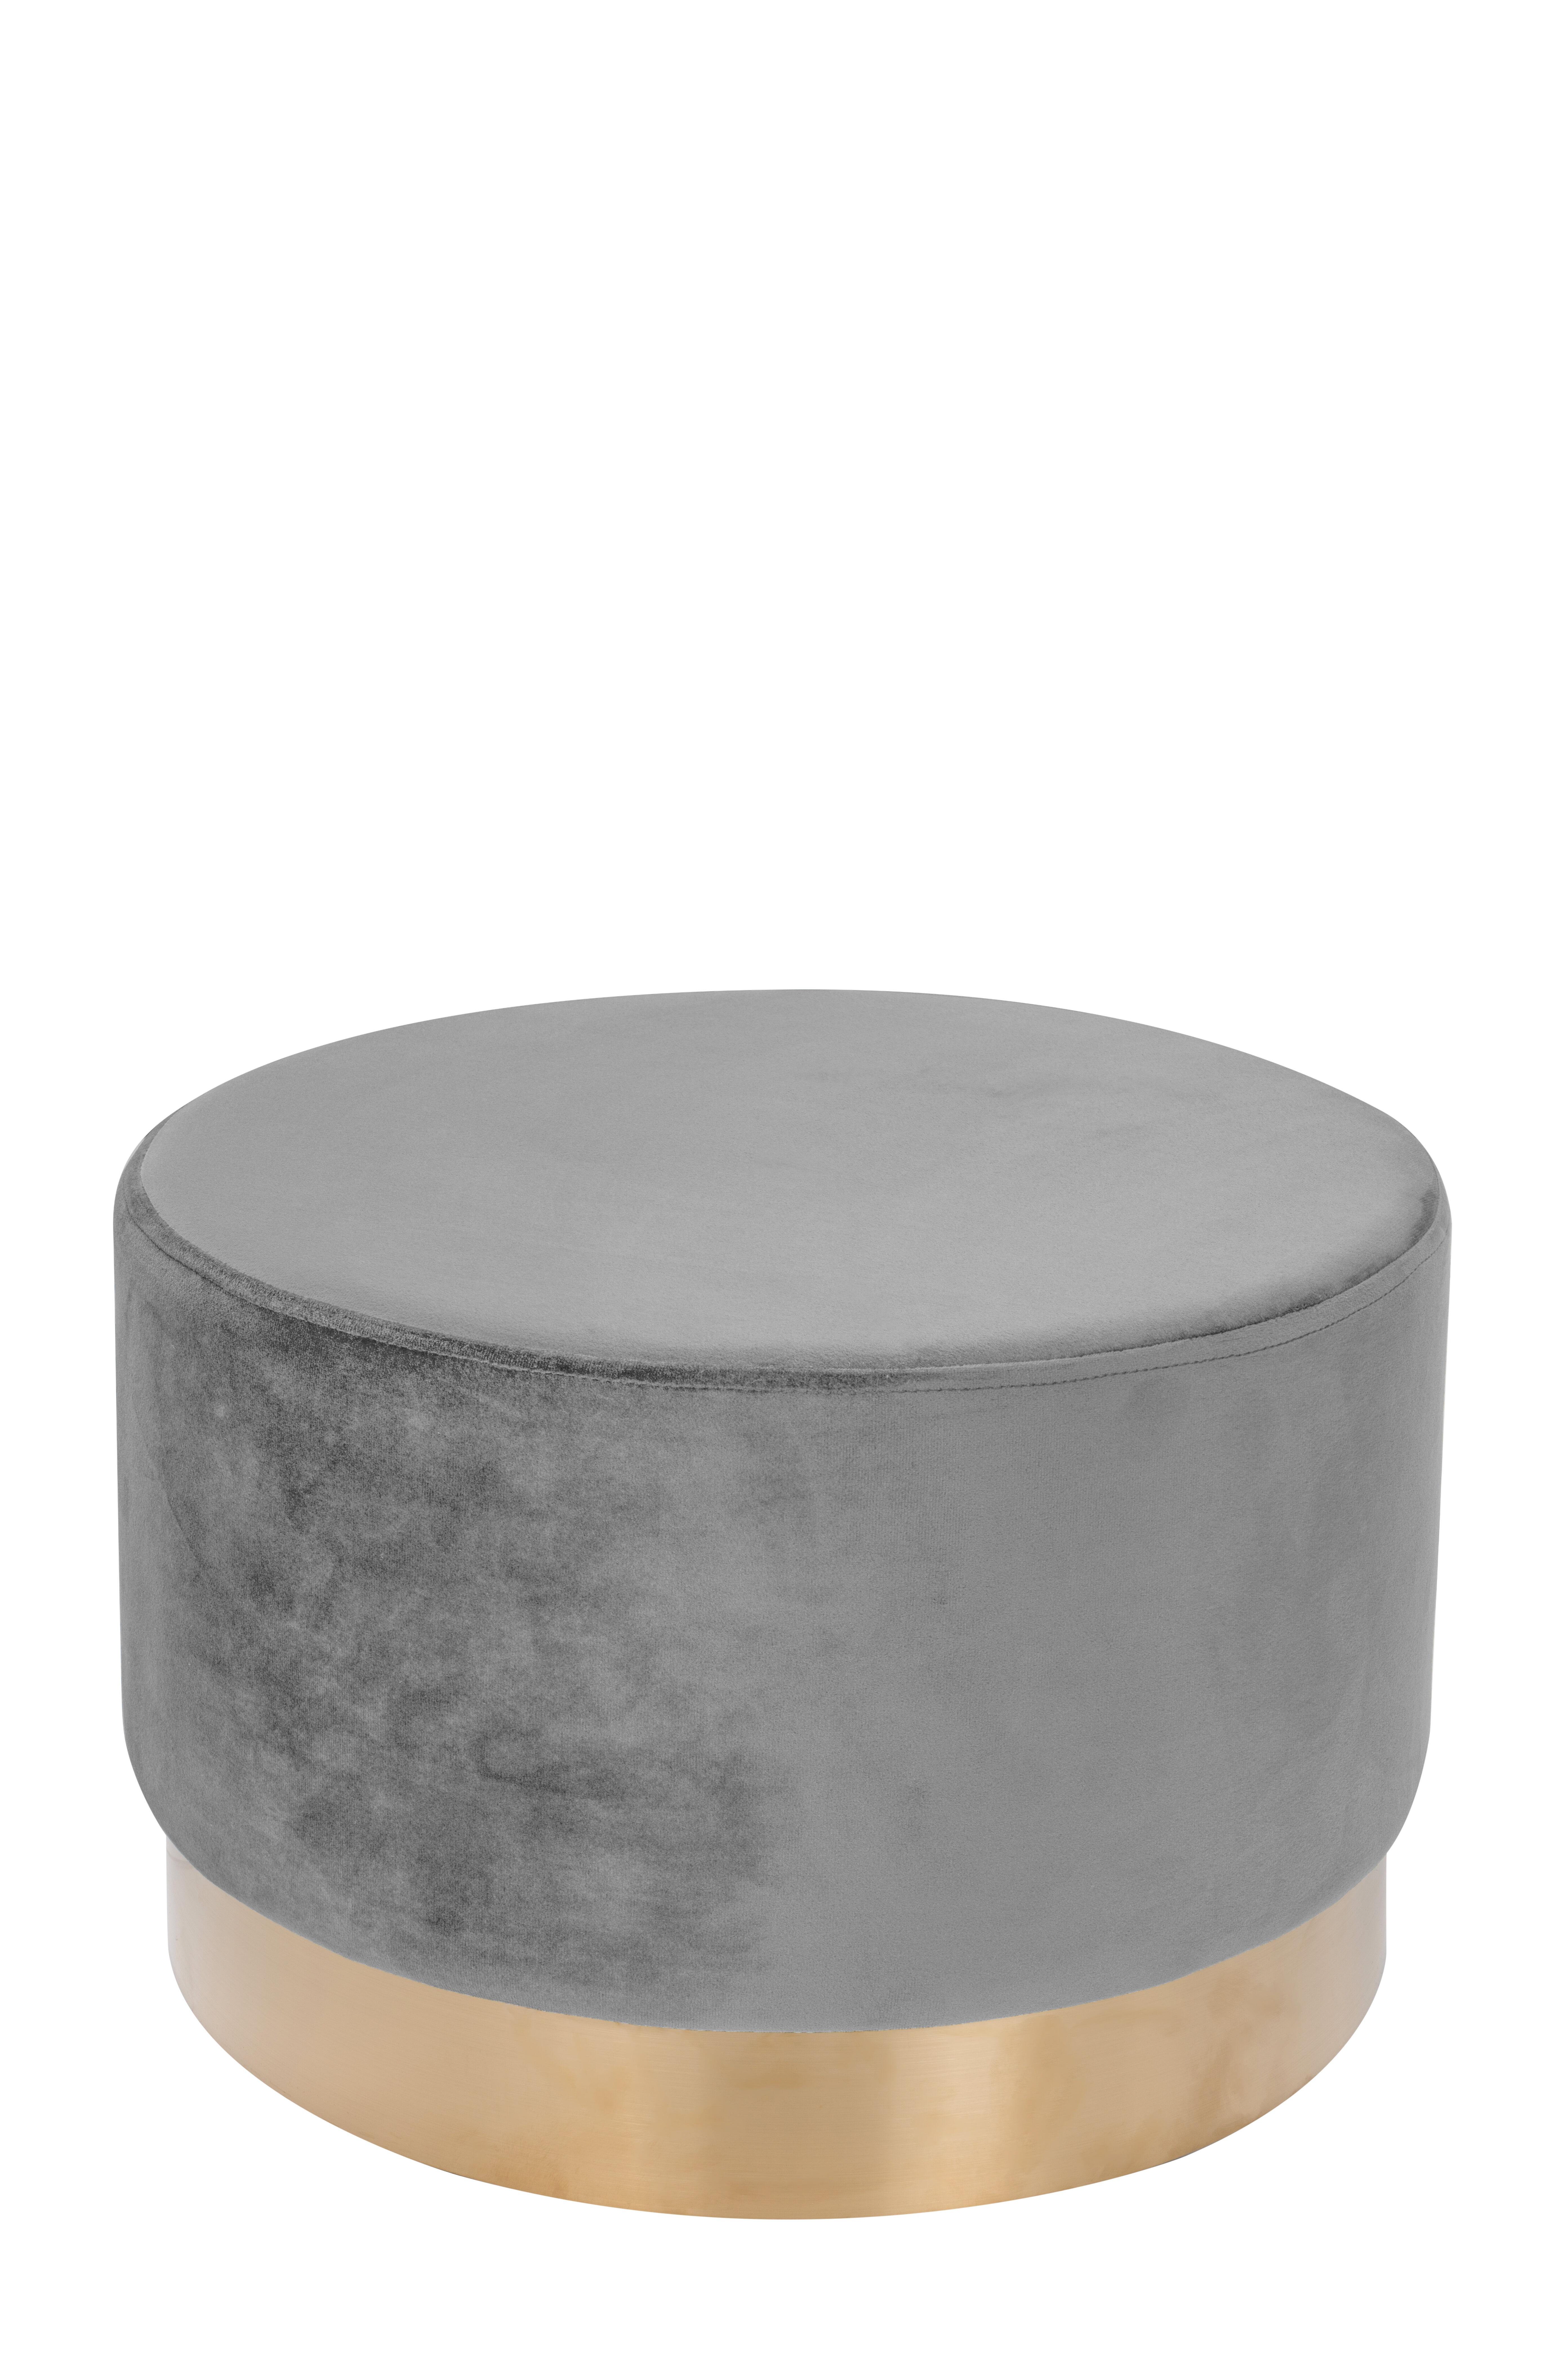 Kayoom Poef 'Nano' 55cm, kleur grijs